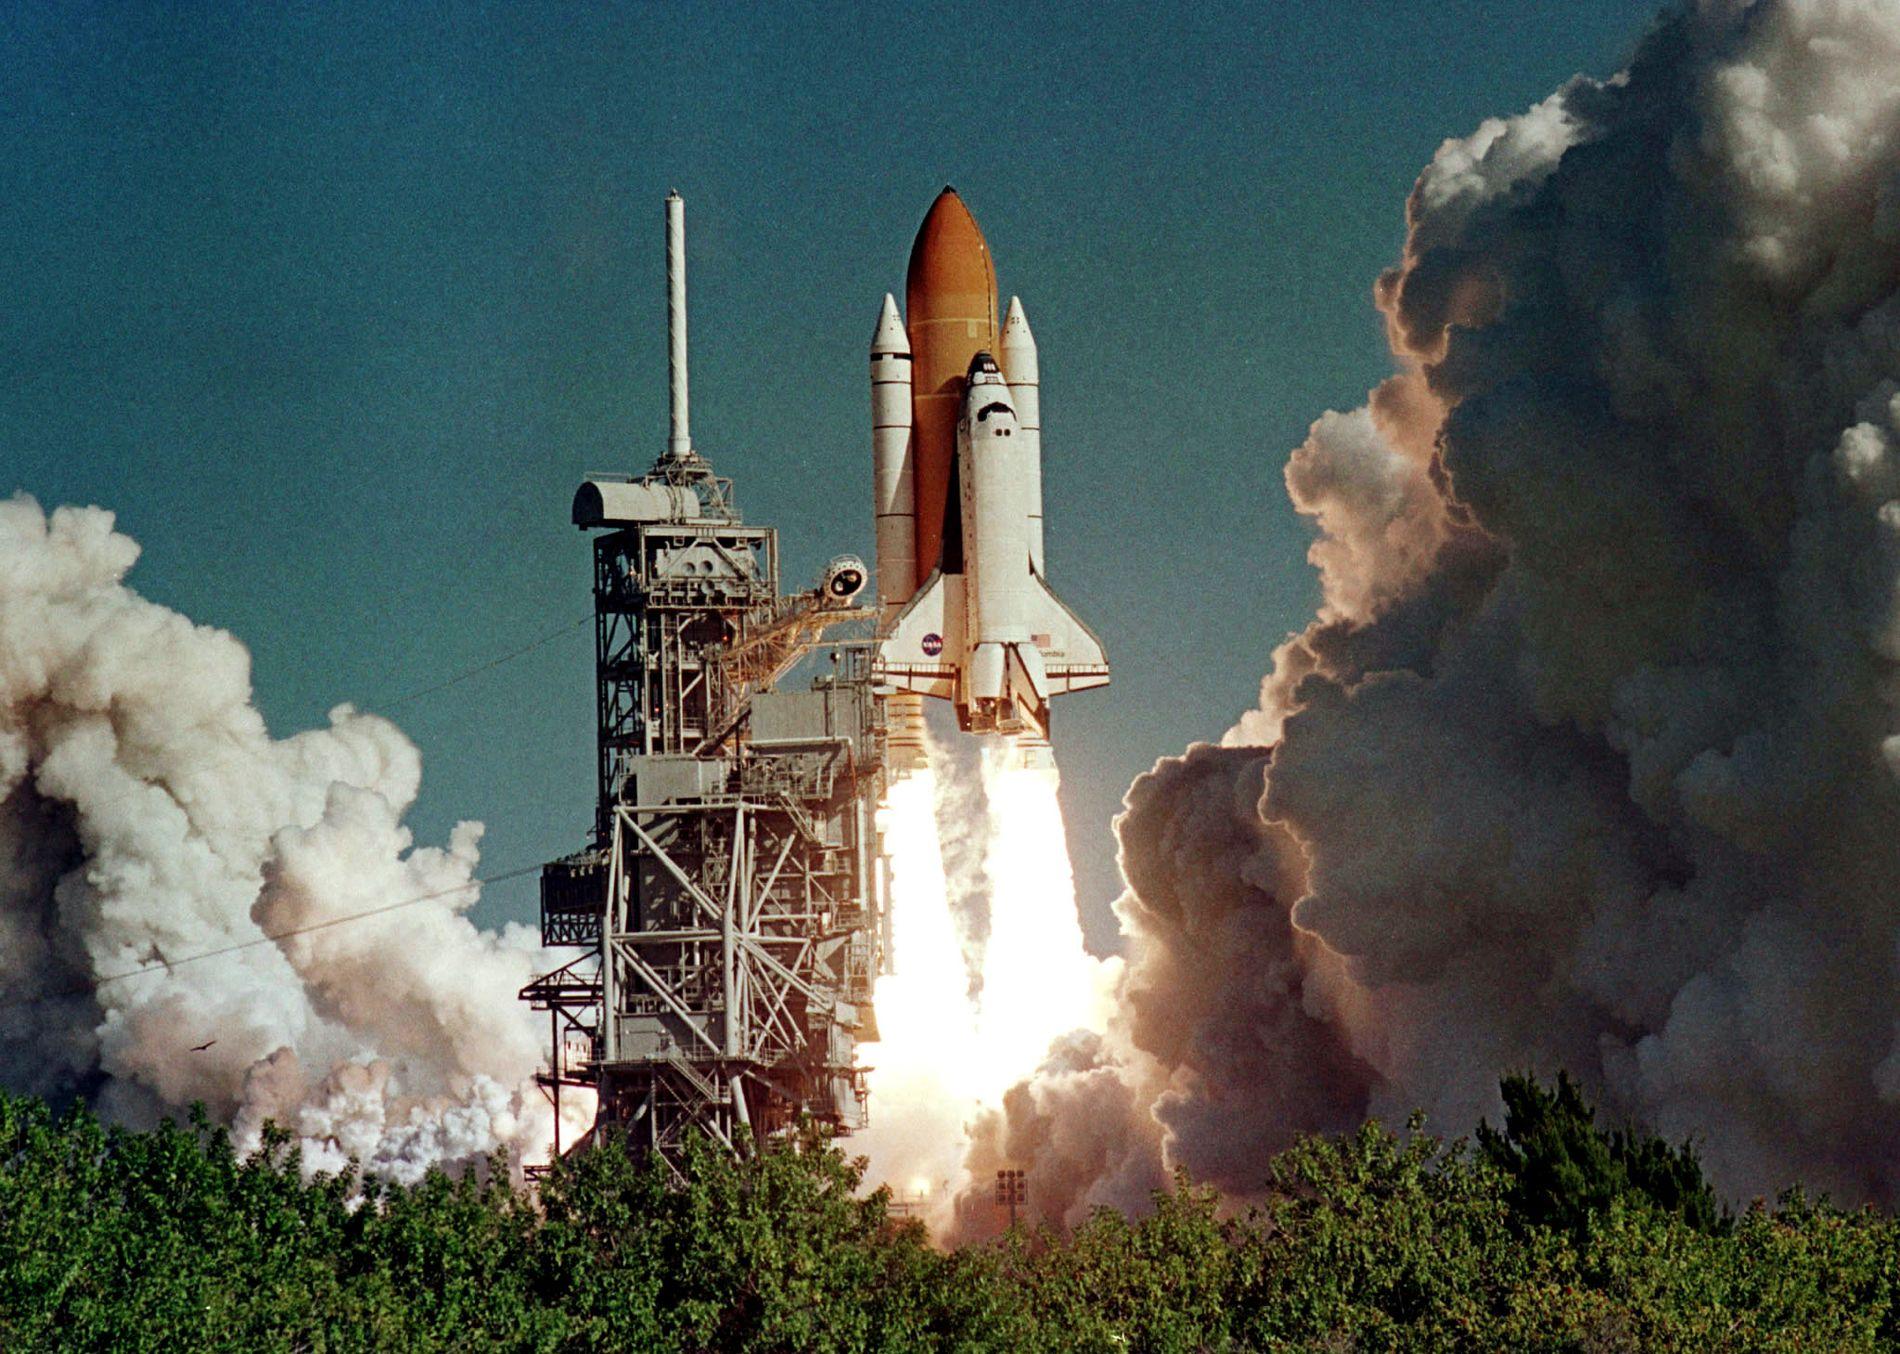 KATASTROFE: I 2003 eksploderte romfergen «Colombia» før den rakk å lande på jorden, etter et 16 dagers langt oppdrag i verdensrommet. Syv astronauter mistet livet i den fatale ulykken. Foto: KARL RONSTROM, REUTERS